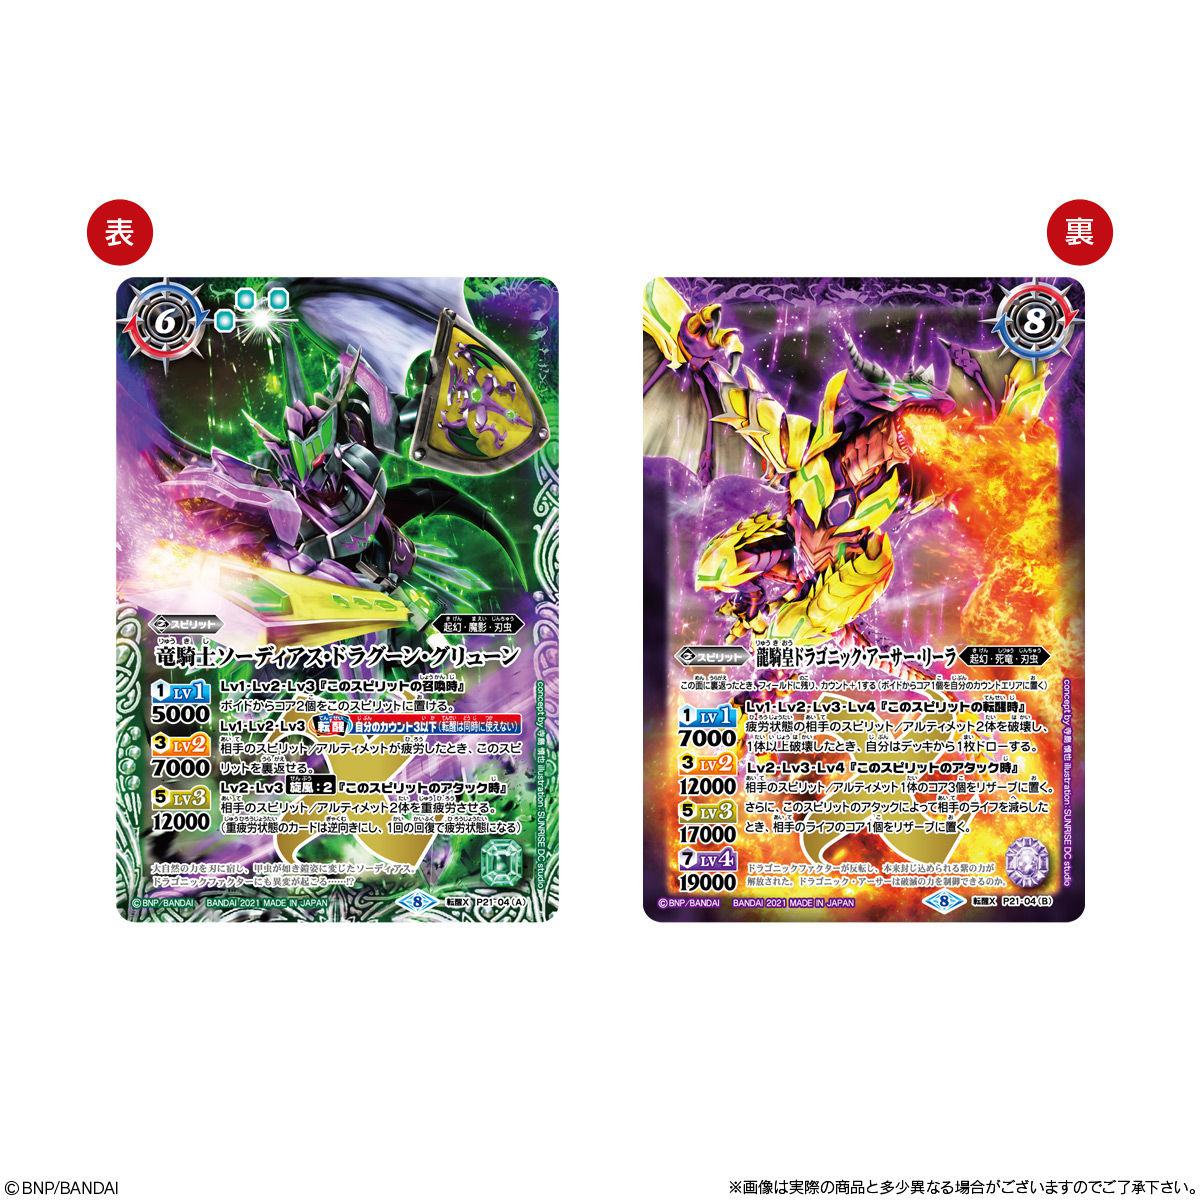 【食玩】バトルスピリッツ『バトルスピリッツウエハース 紫翠の刃旋風』20個入りBOX-002